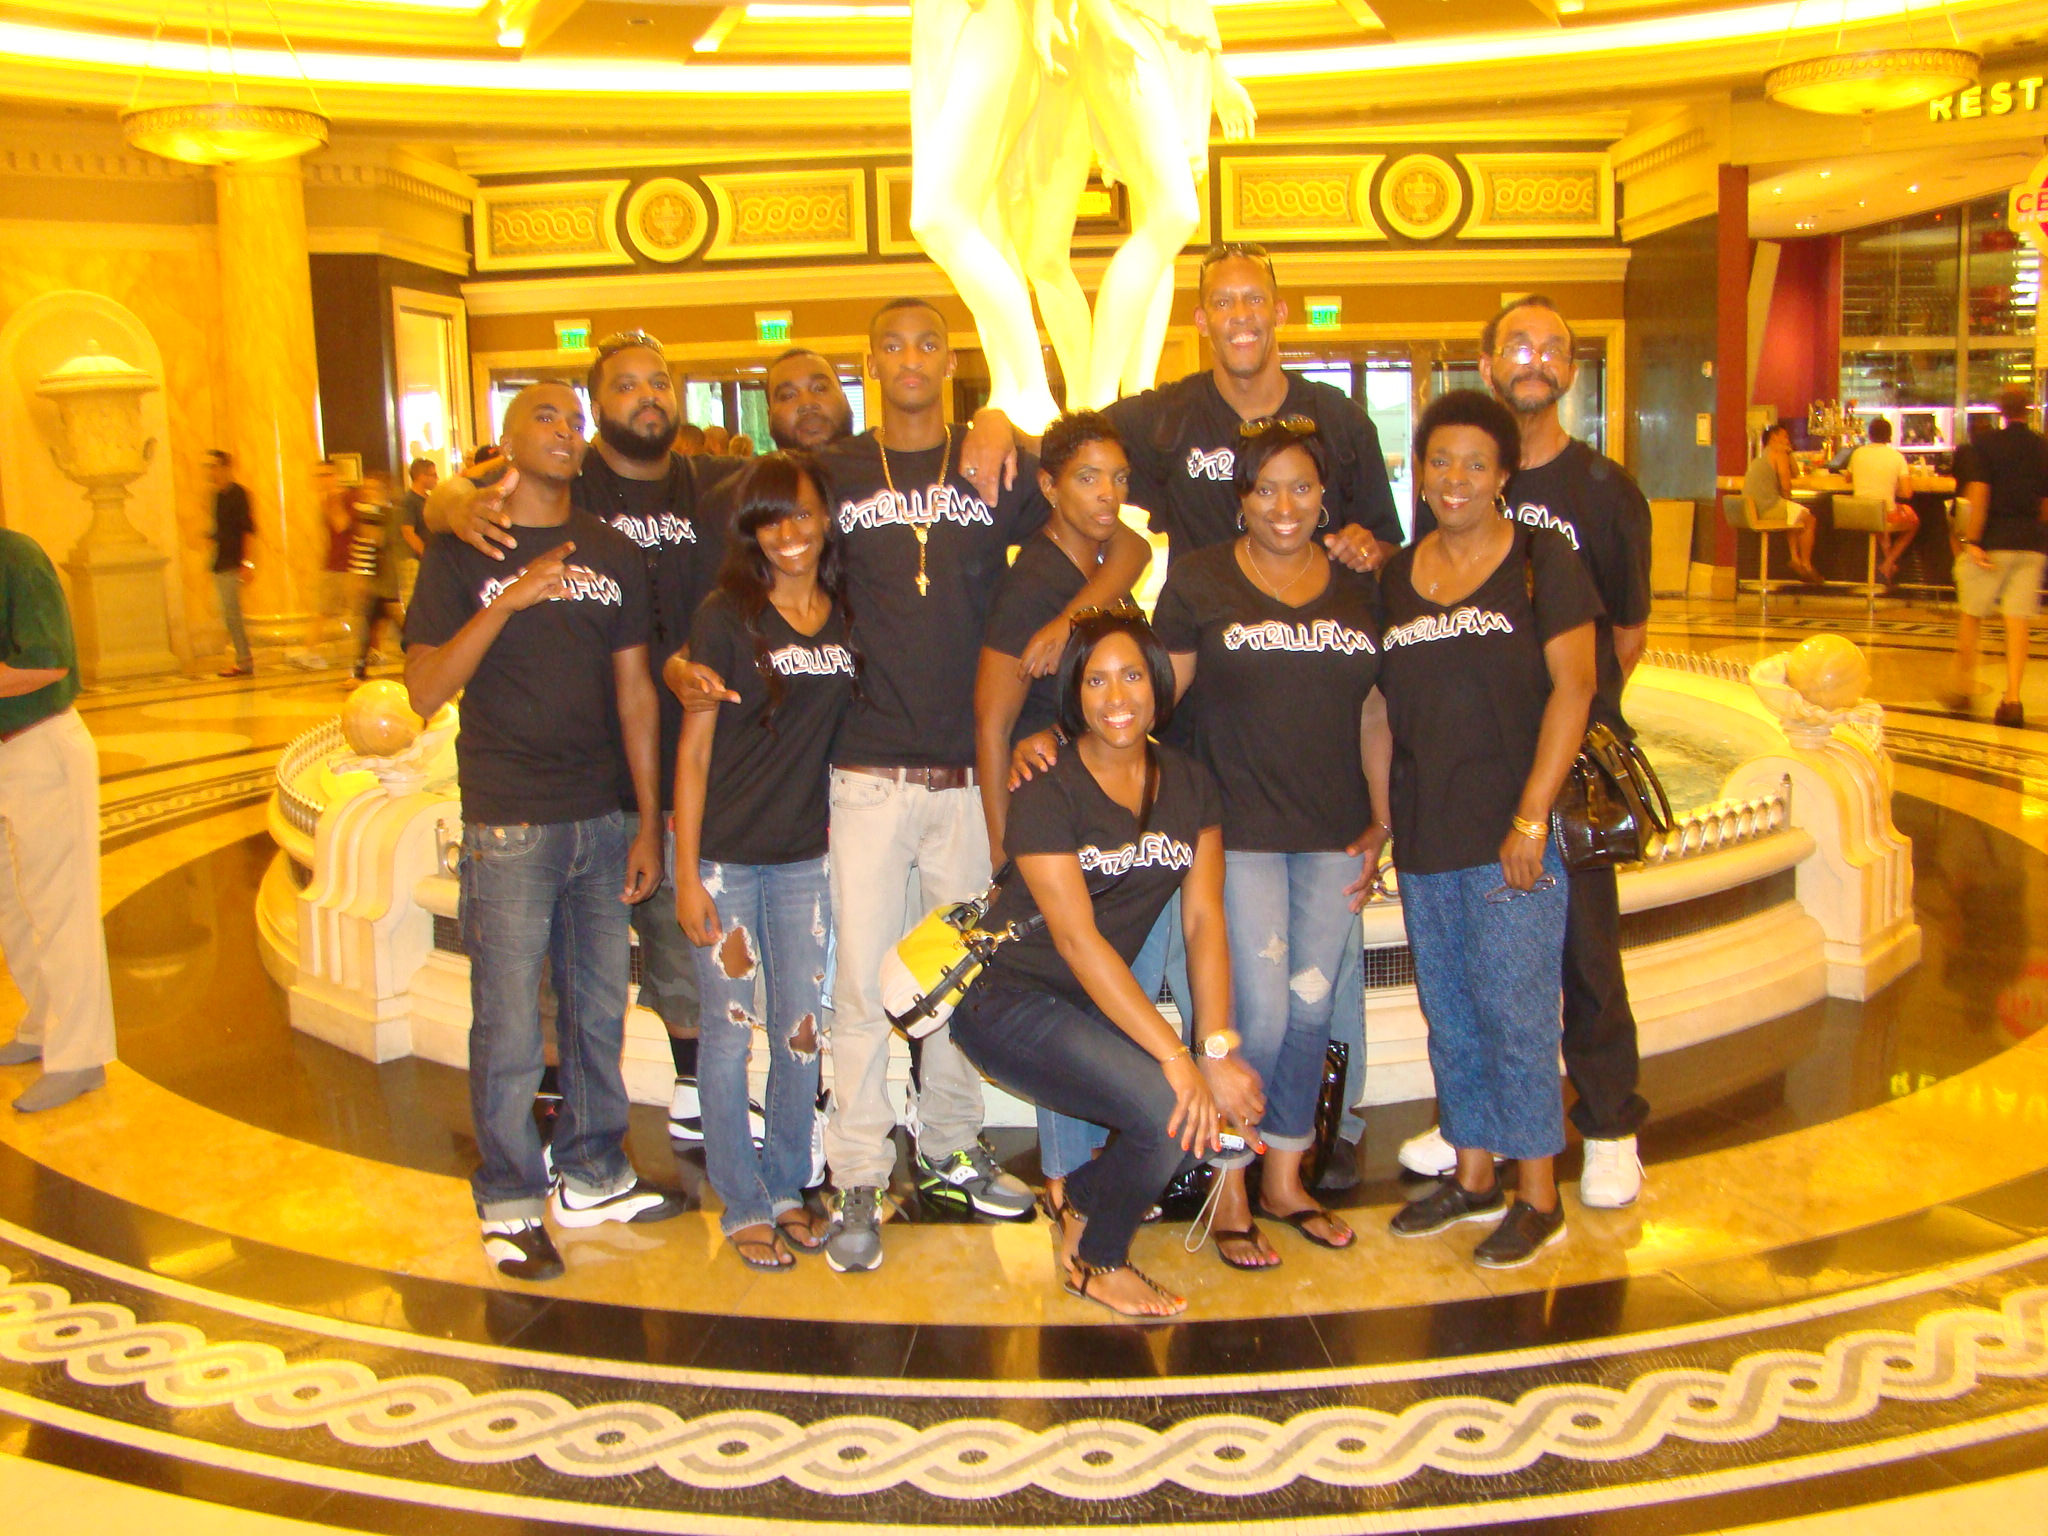 Design your own t shirt las vegas - Las Vegas Trip T Shirt Photo